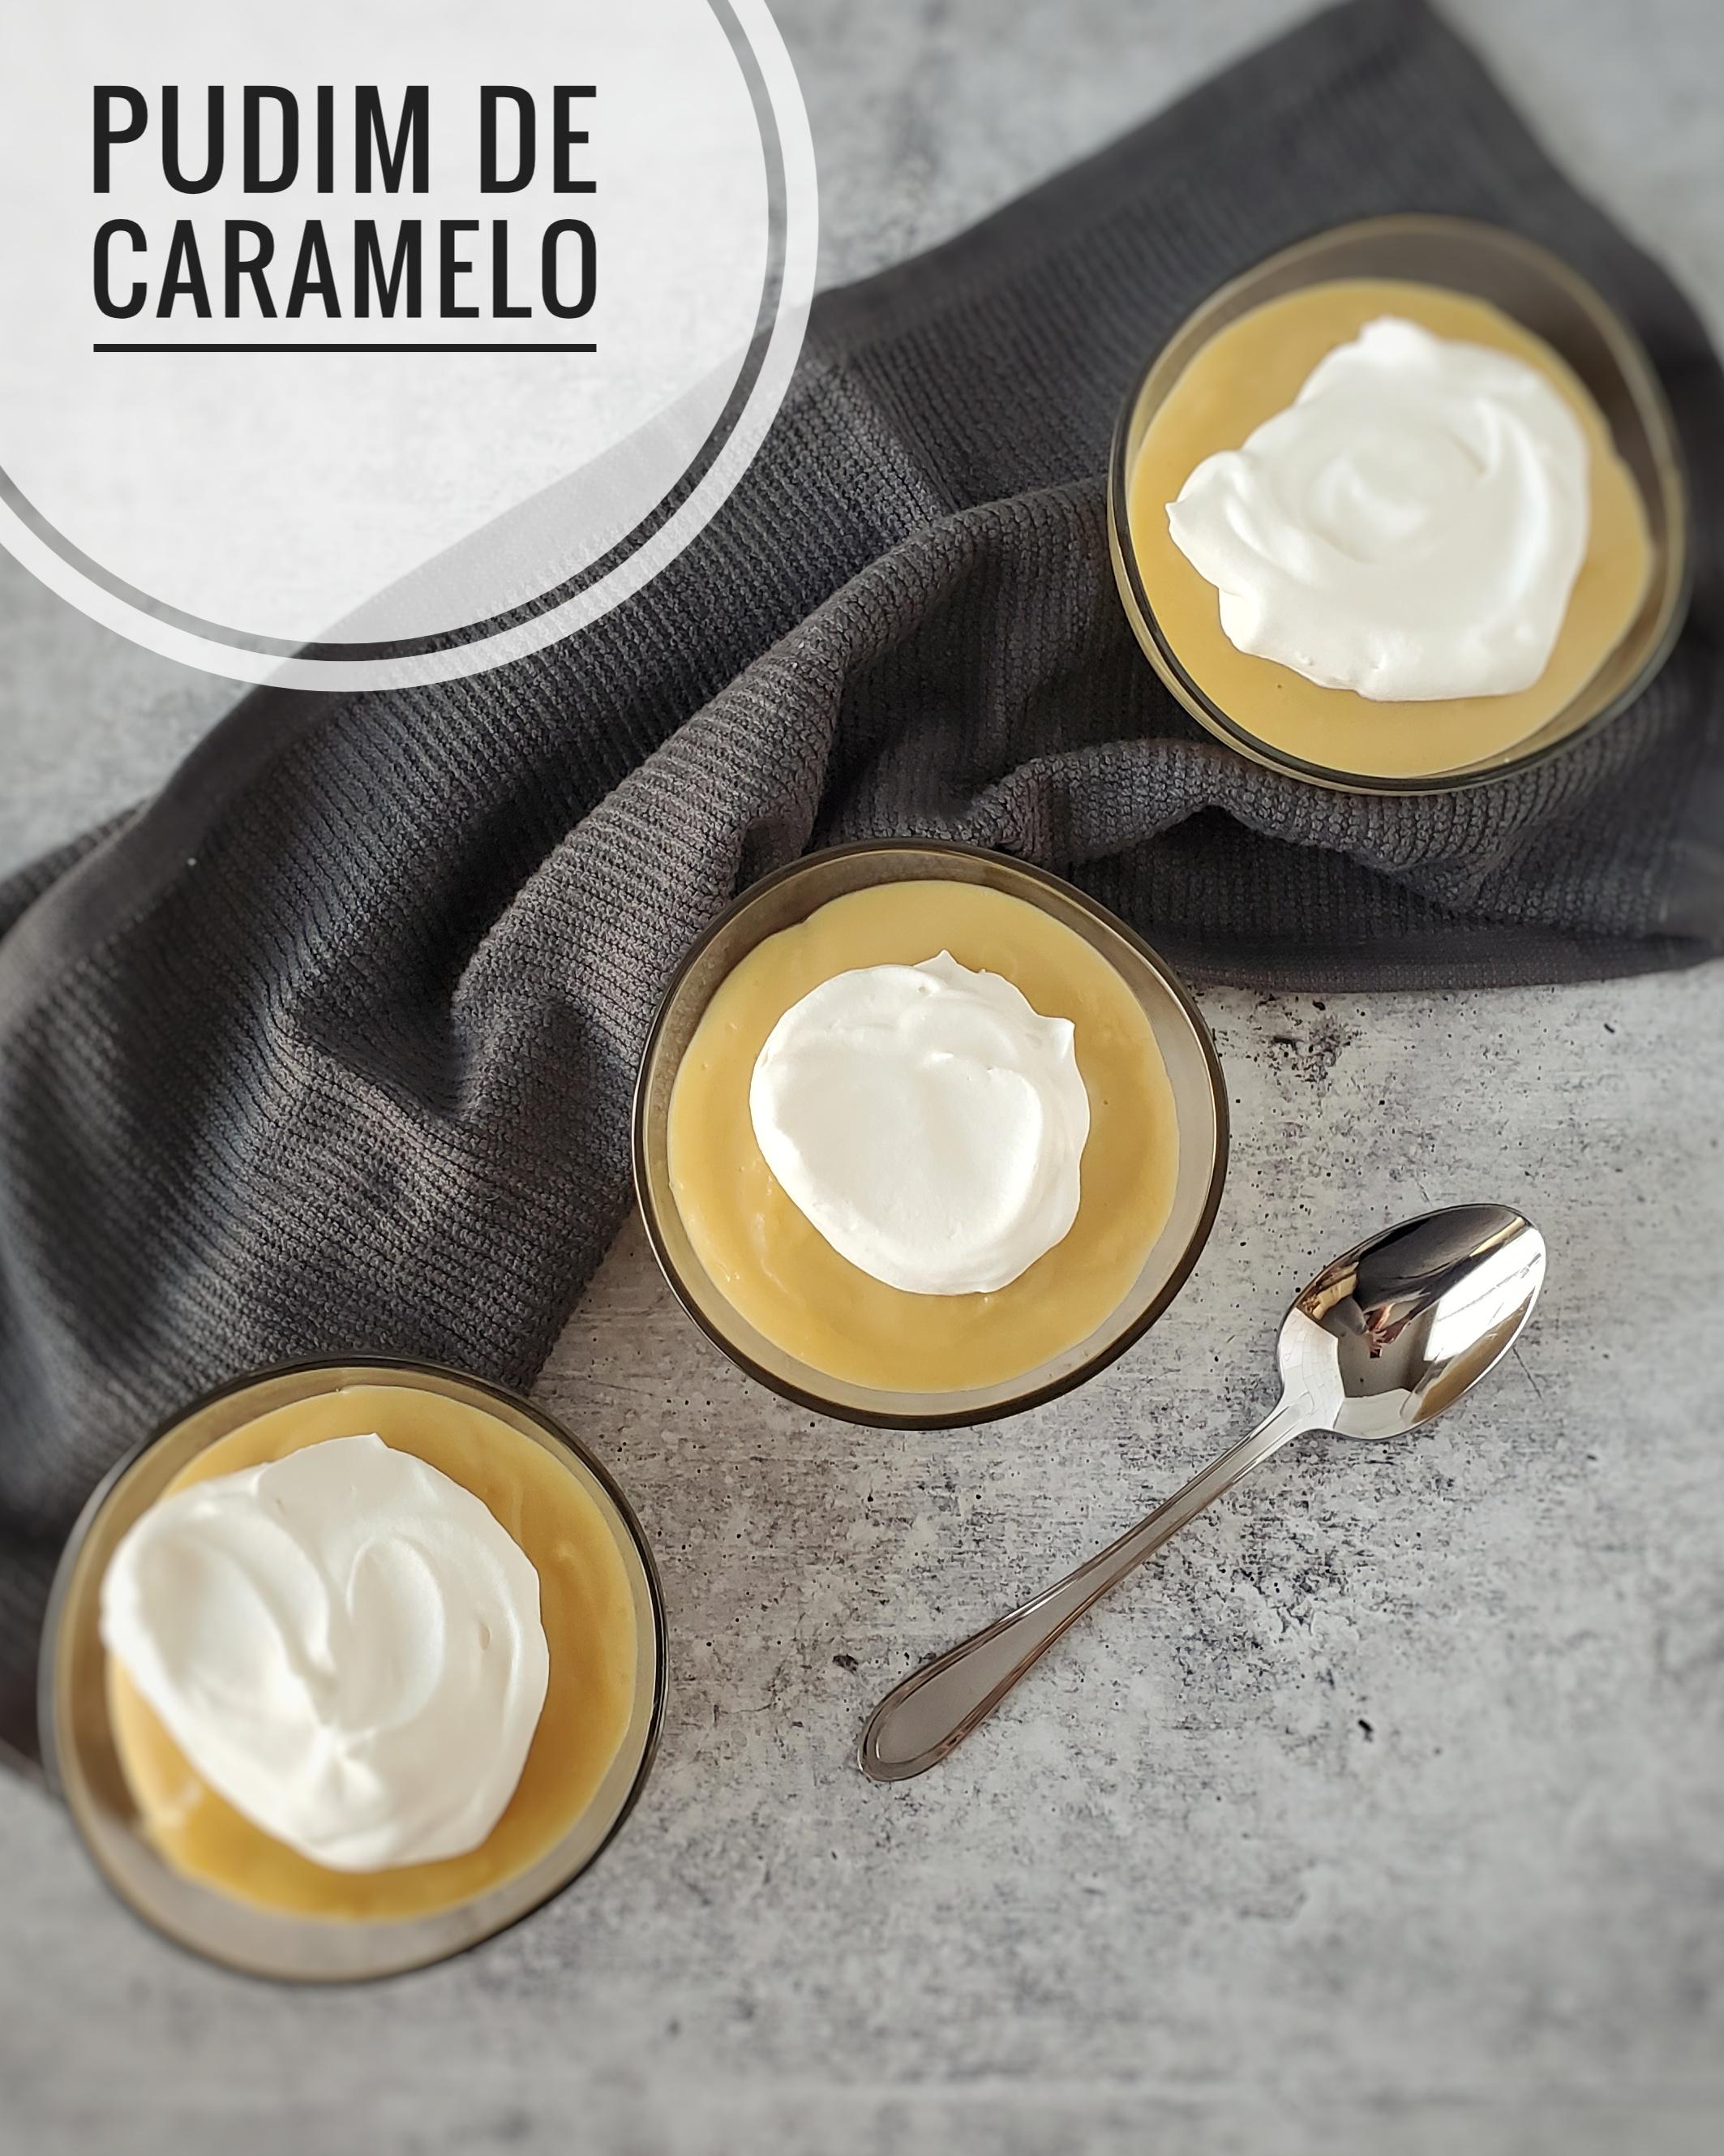 Pudim de Caramelo